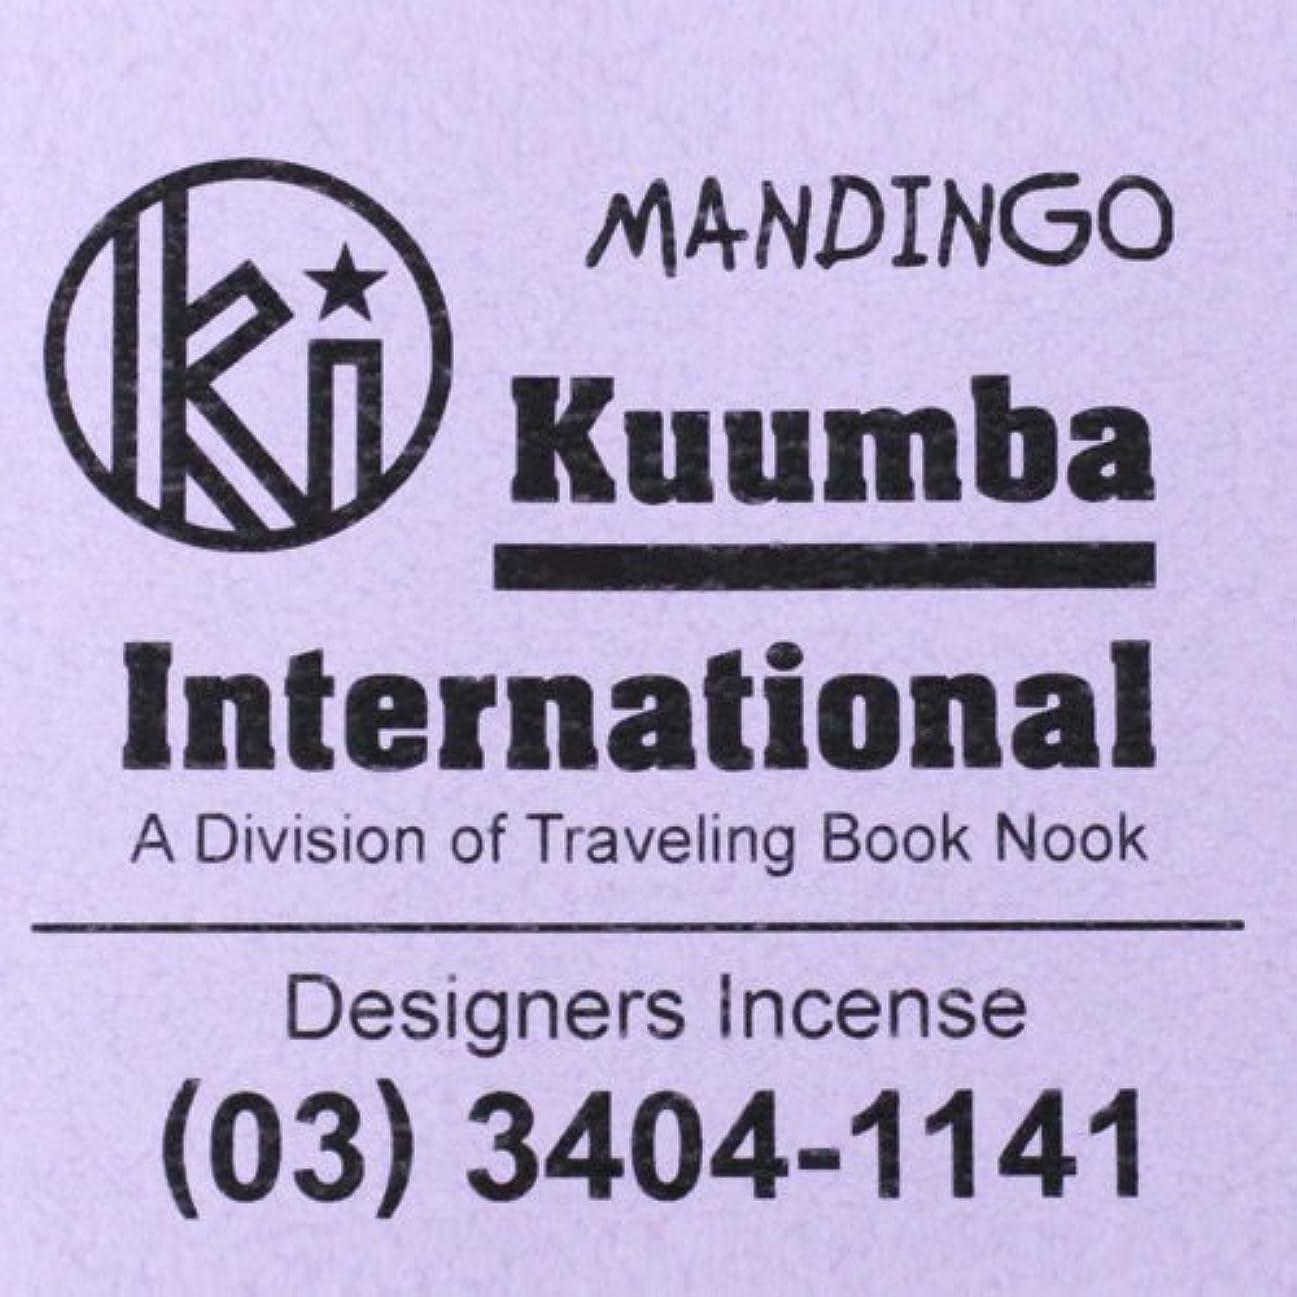 野生弁護人包帯(クンバ) KUUMBA『incense』(MANDINGO) (Regular size)